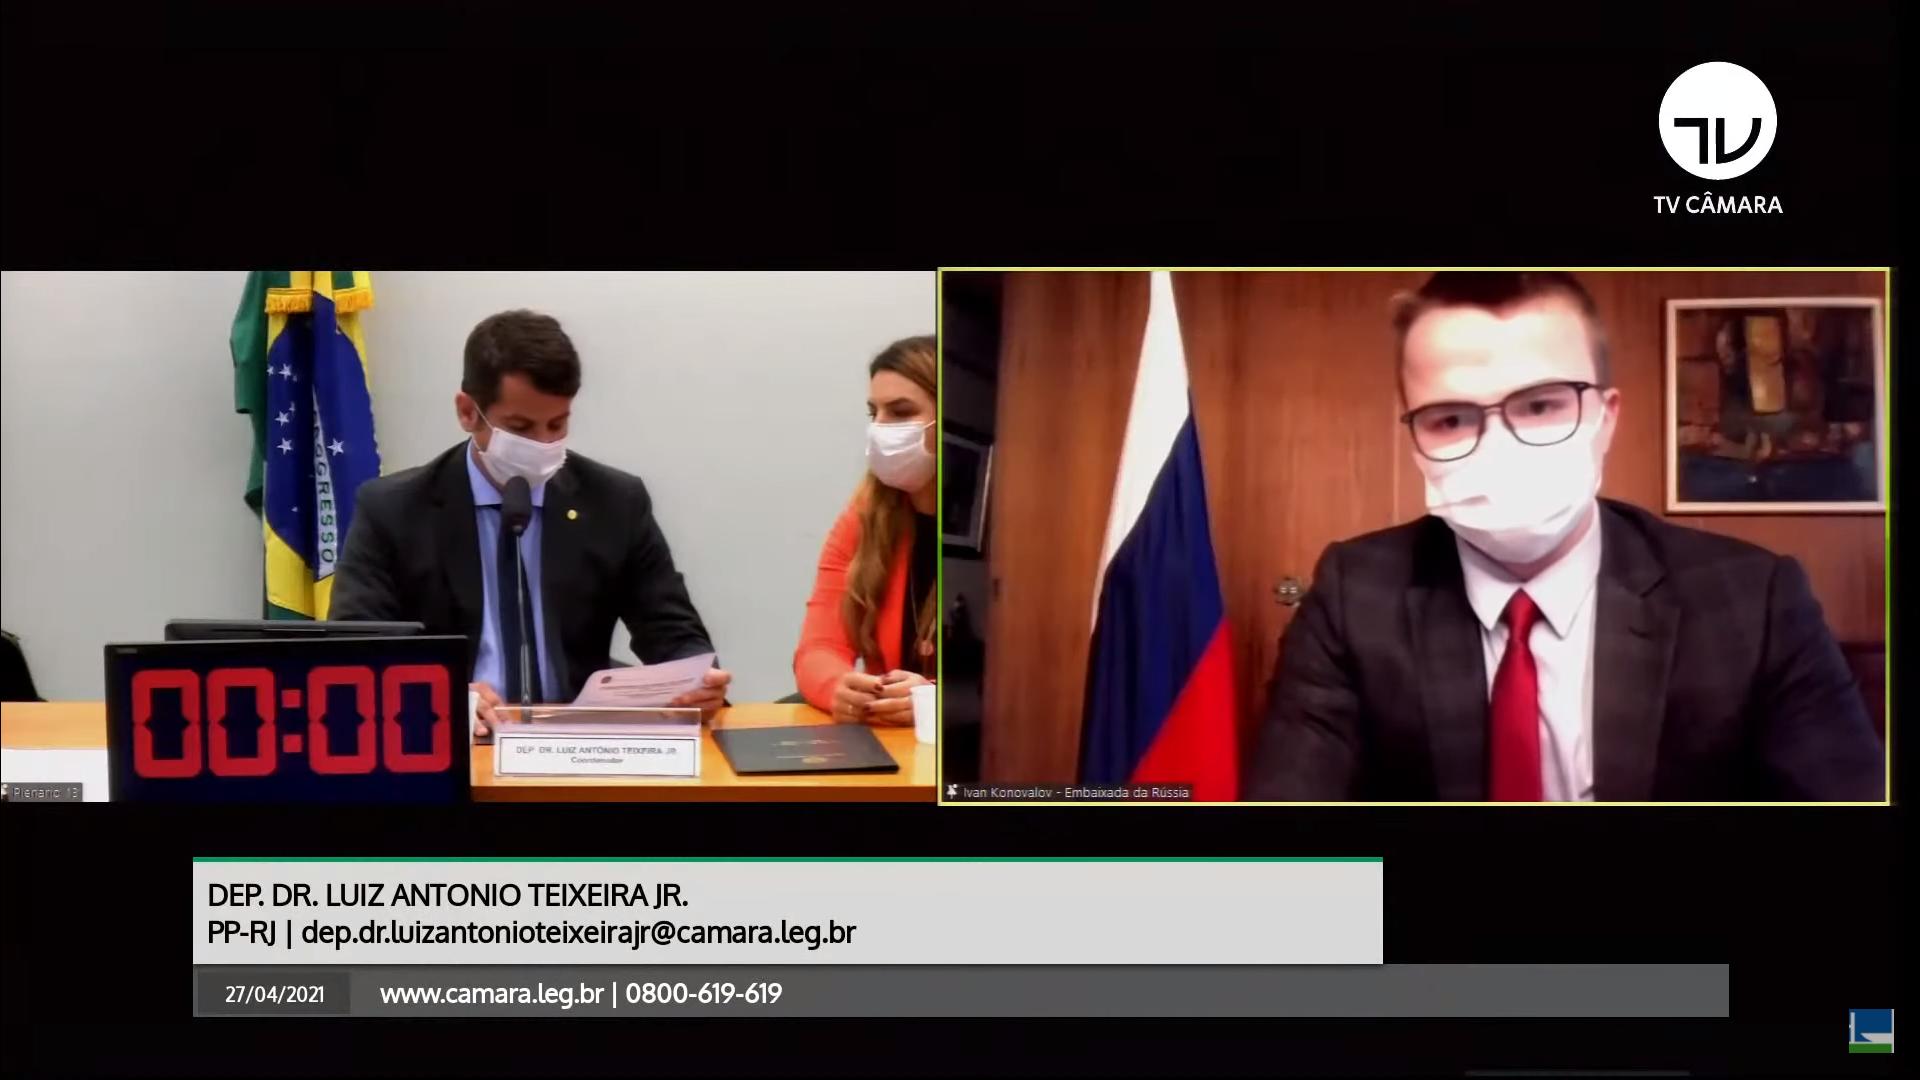 IMAGEM: Russos pedem debate com Anvisa, mas abandonam reunião com fiscais na Câmara